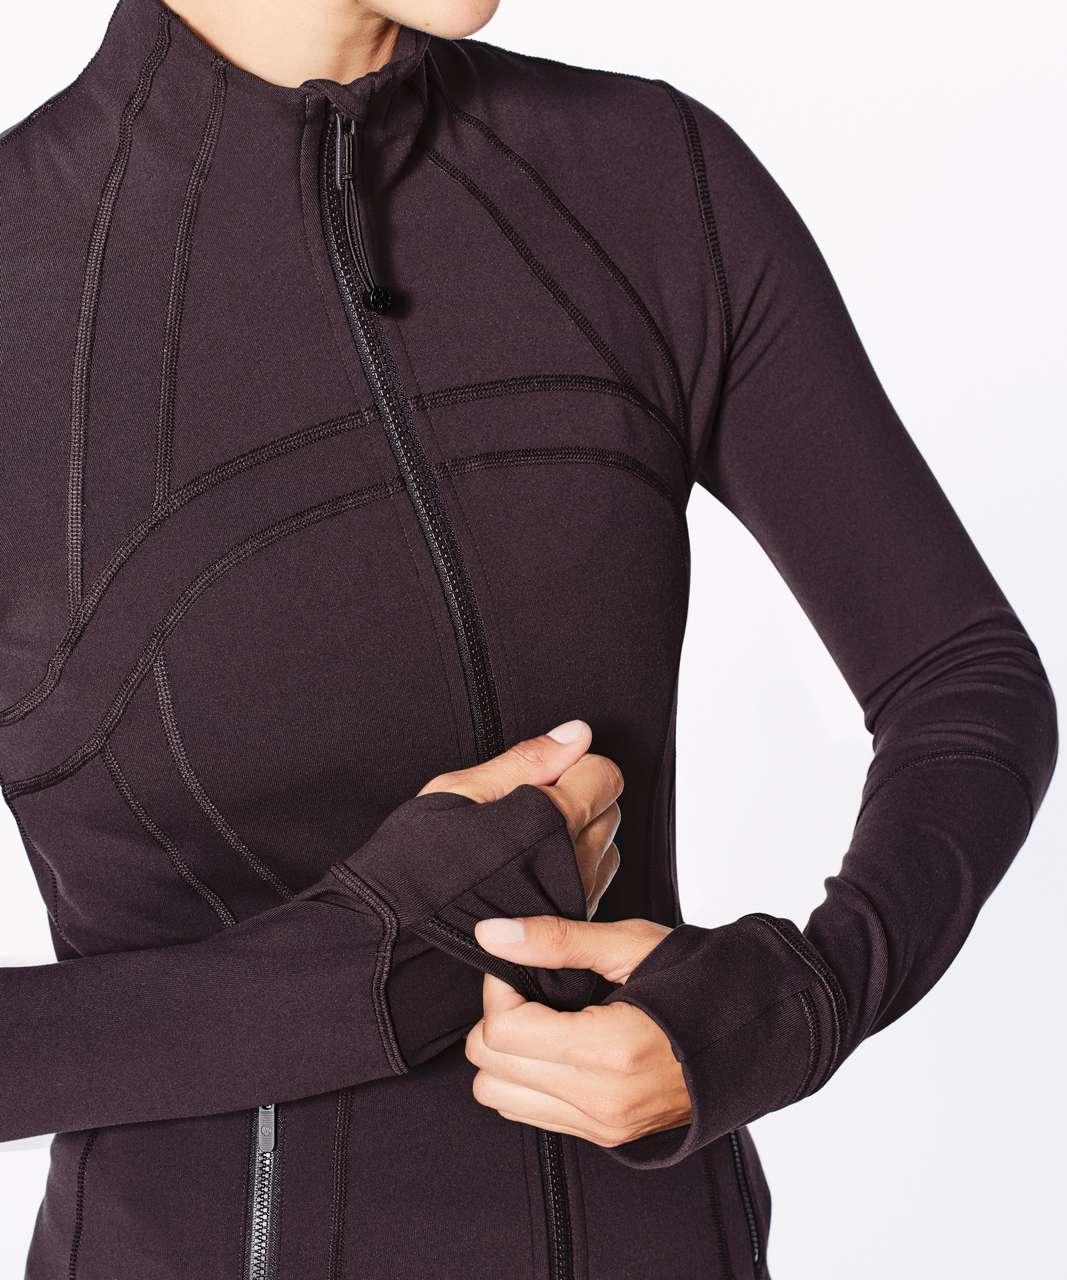 Lululemon Define Jacket - Pelt